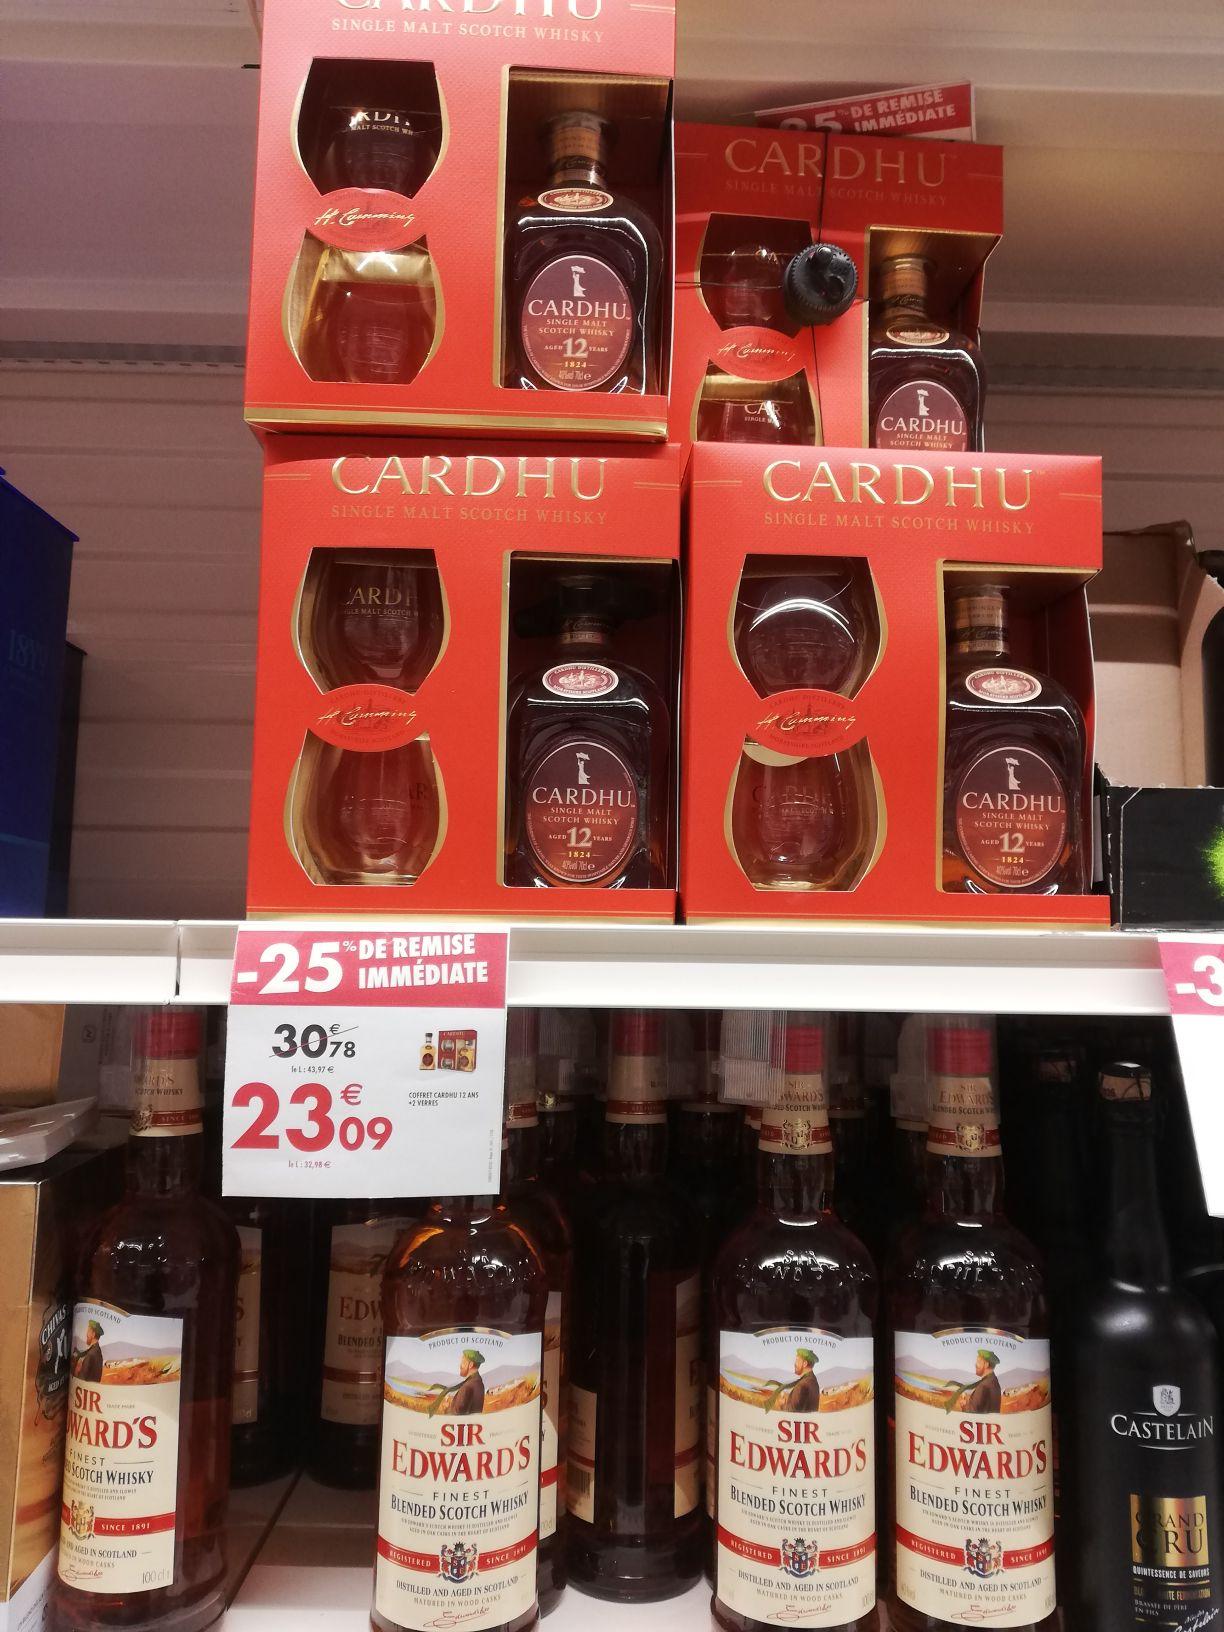 Coffret bouteille de whisky Cardhu Single Malt - 12 ans d'âge + 2 verres (Part-Dieu 69)